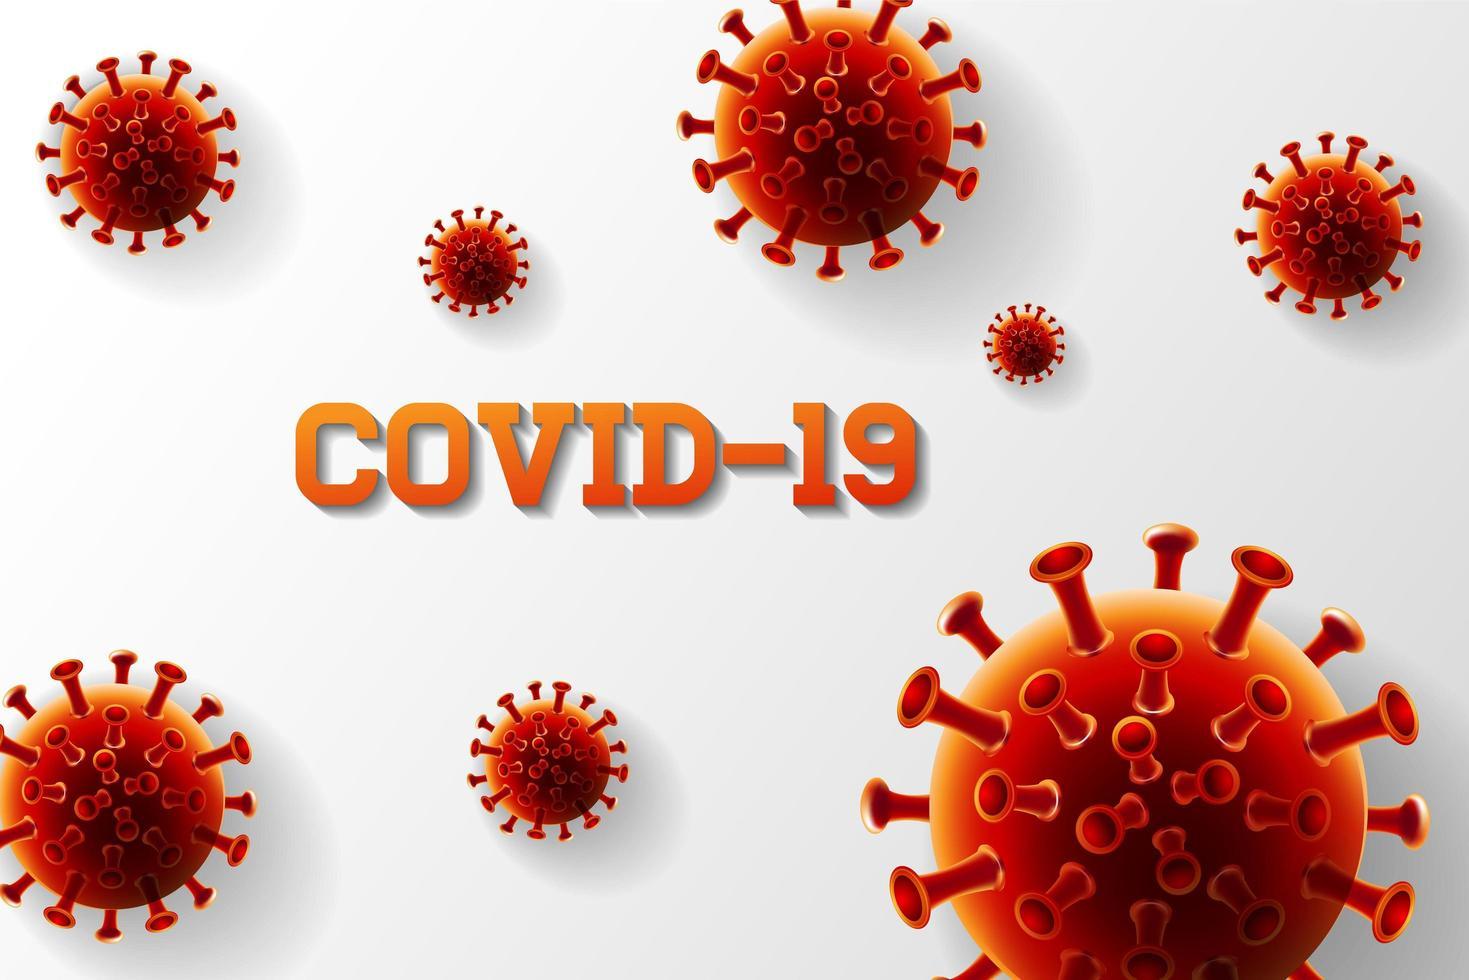 diseño de coronavirus covid -19 - Descargar Vectores Gratis ...